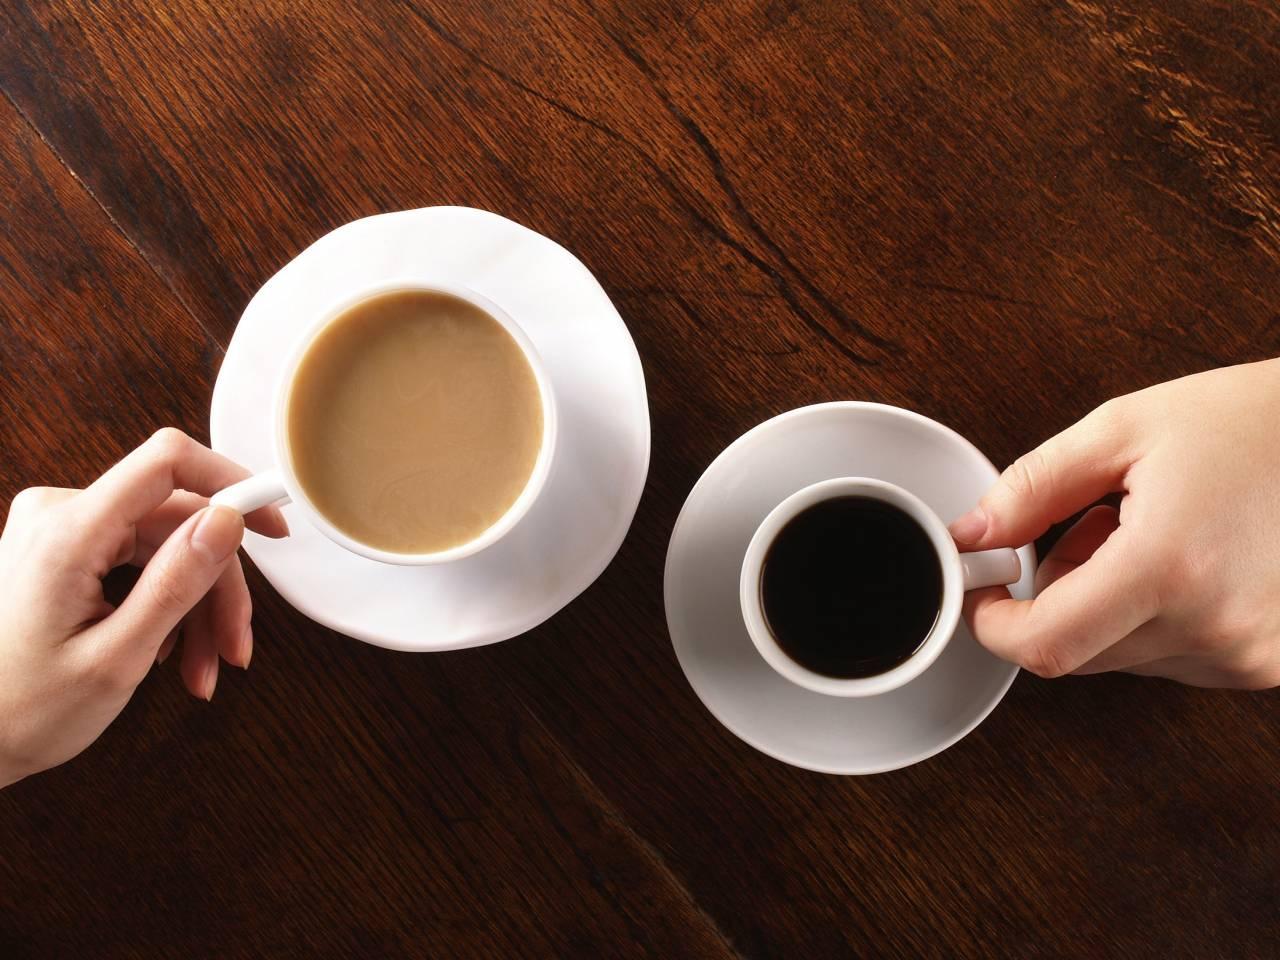 coffee and tea 2.jpg